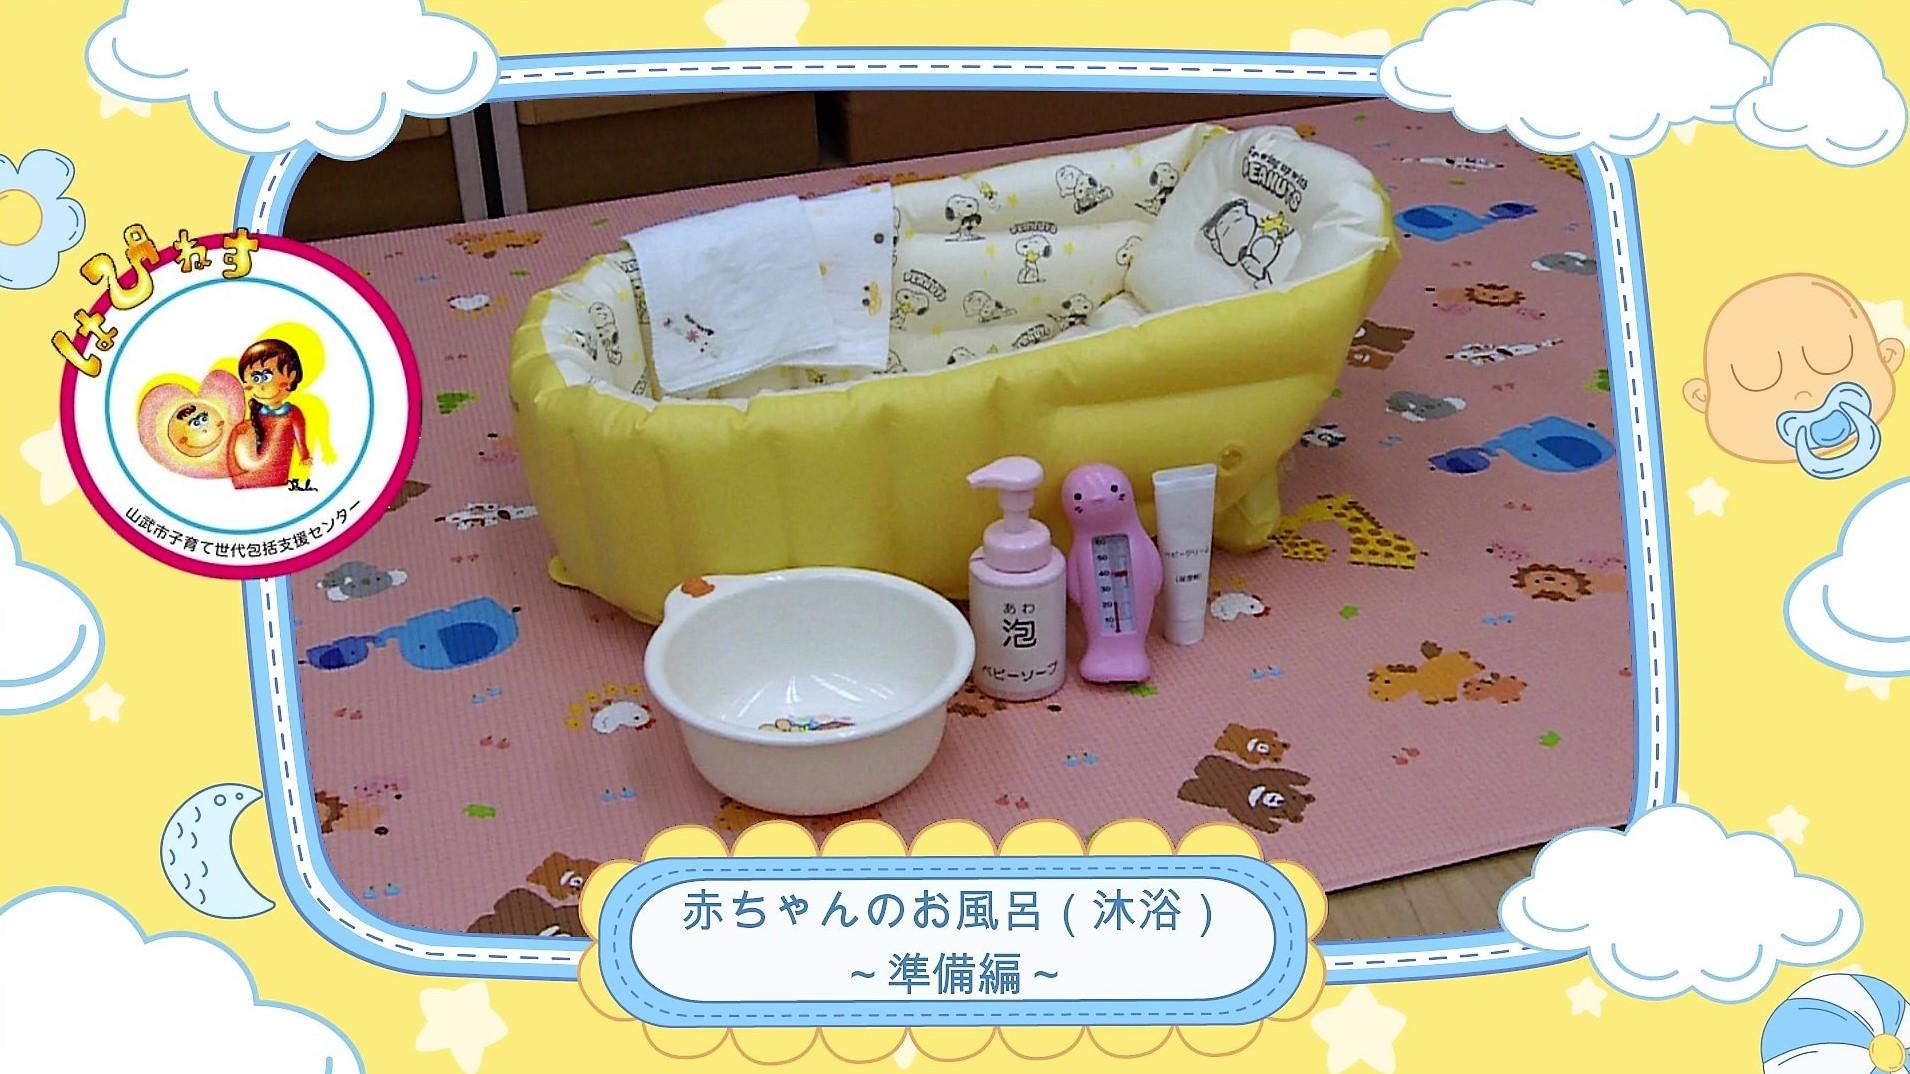 サムネイル画像「赤ちゃんのお風呂(沐浴)~準備編~」